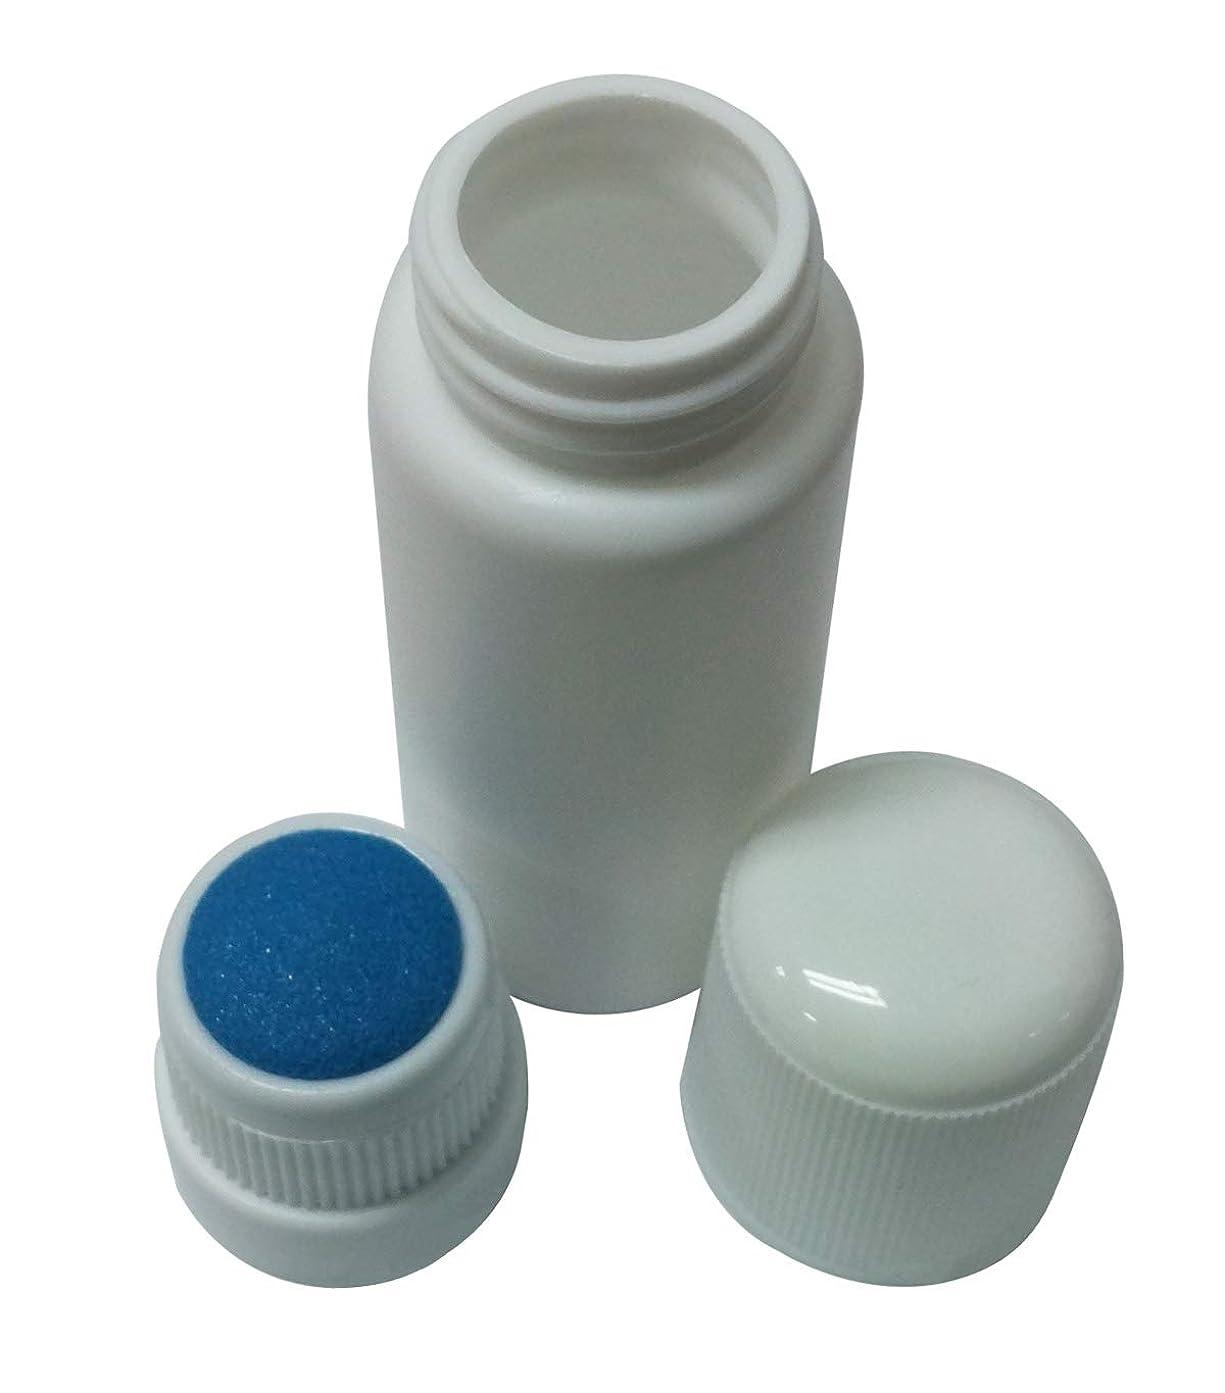 床を掃除する八百屋旅客プラスチック?ボトル エンプティー Plastic Bottle リキッド メディシン Blue スポンジ Top アプリケーター 30ml 並行輸入